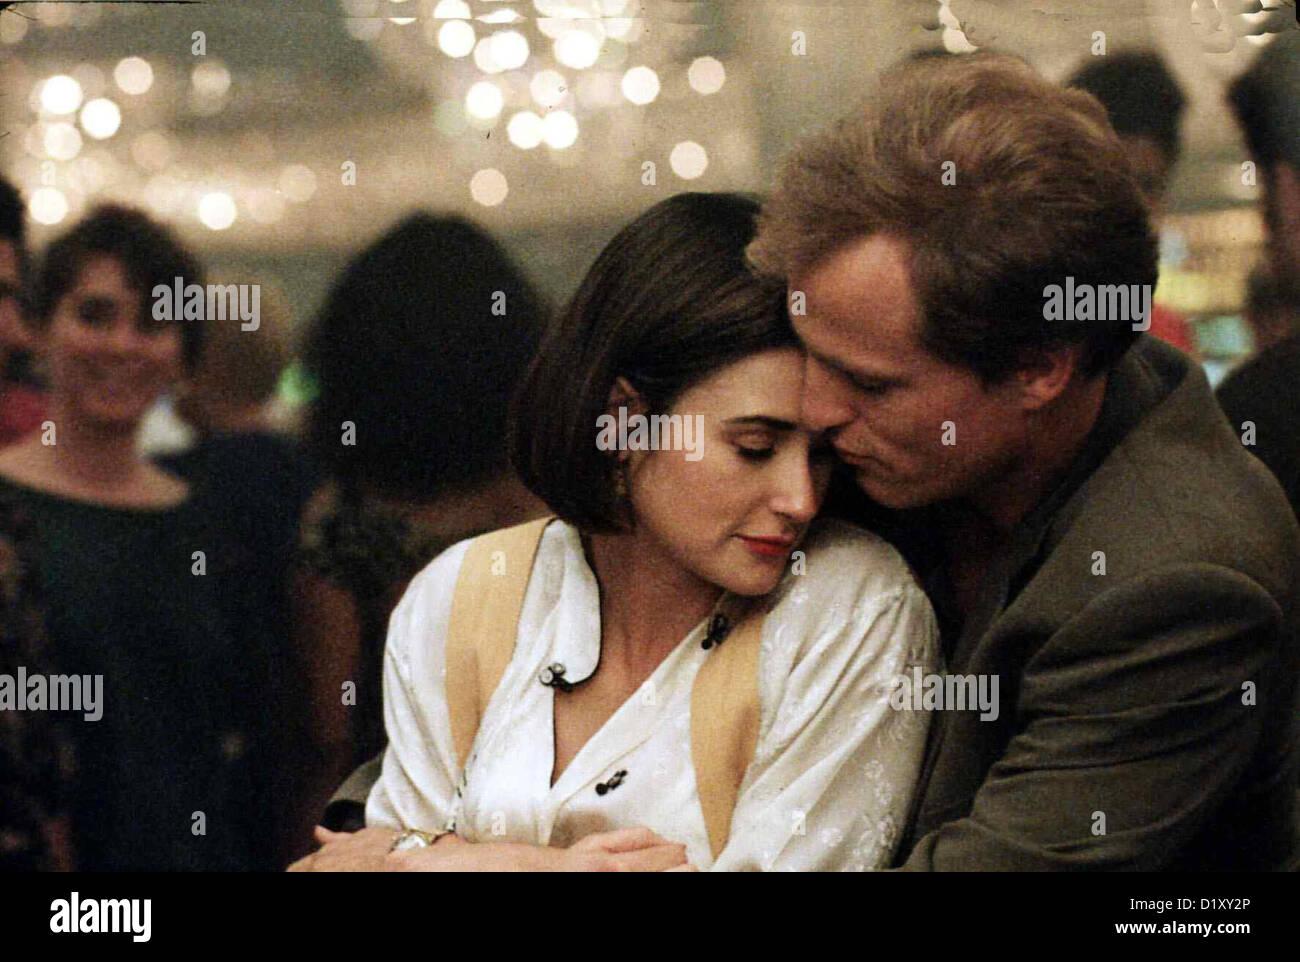 Ein Unmoralisches Angebot  Indecent Proposal  Demi Moore, Woody Harrelson Zuerst sind David (Woody Harrelson) und - Stock Image